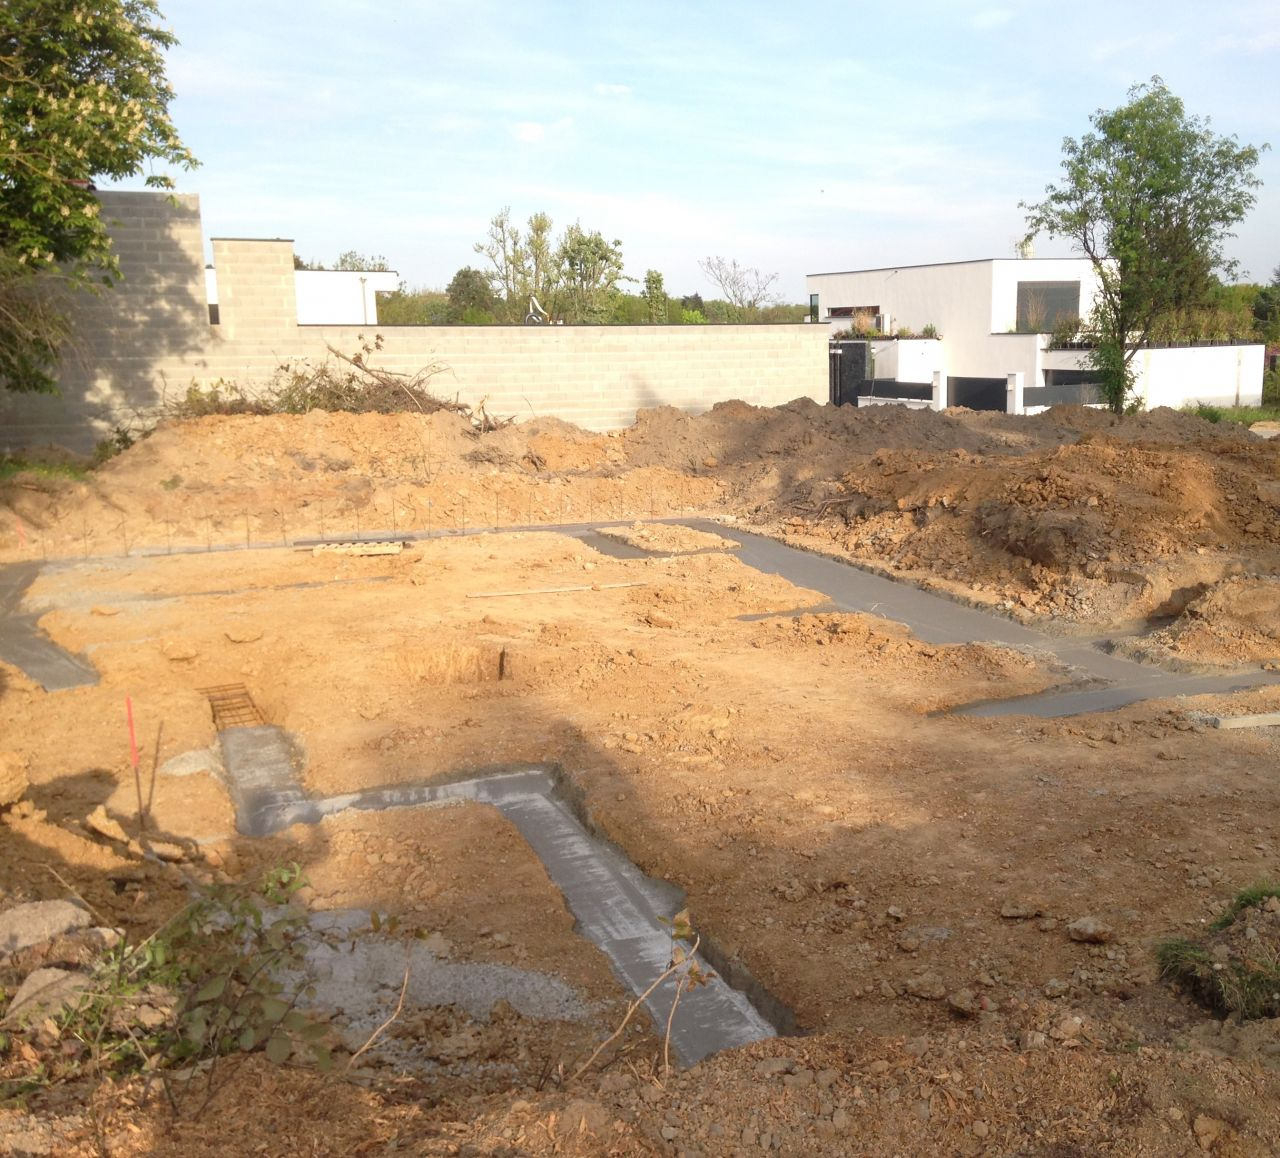 fondations partiellement coulées; cela restera ainsi plus de 3 semaines...